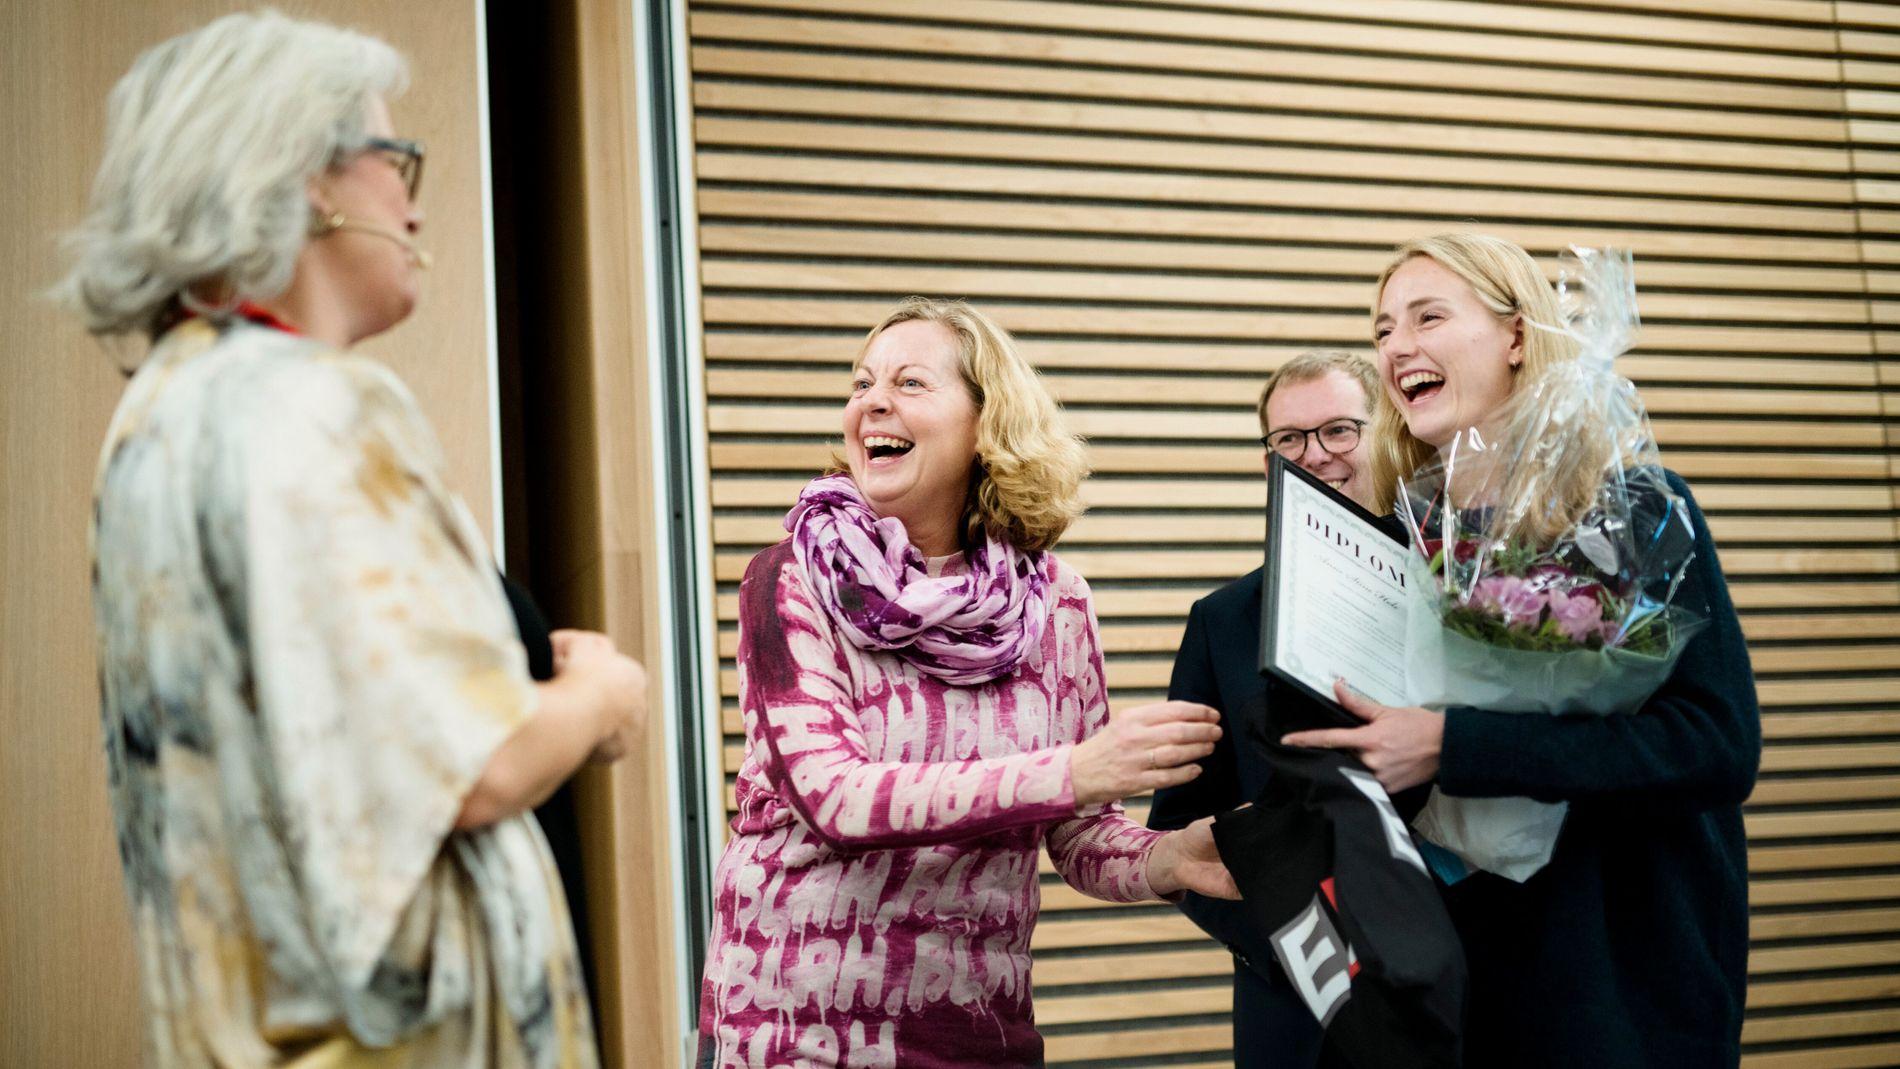 GOD STEMNING: Kategorivinner Anne Stine Hole (årets samfunnsbygger) mottar premien fra juryleder Cathrine Foss Stene (fra venstre), daværende jurymedlem Berit Svendsen og jurymedlem Håkon Haugli på fjorårets arrangement.